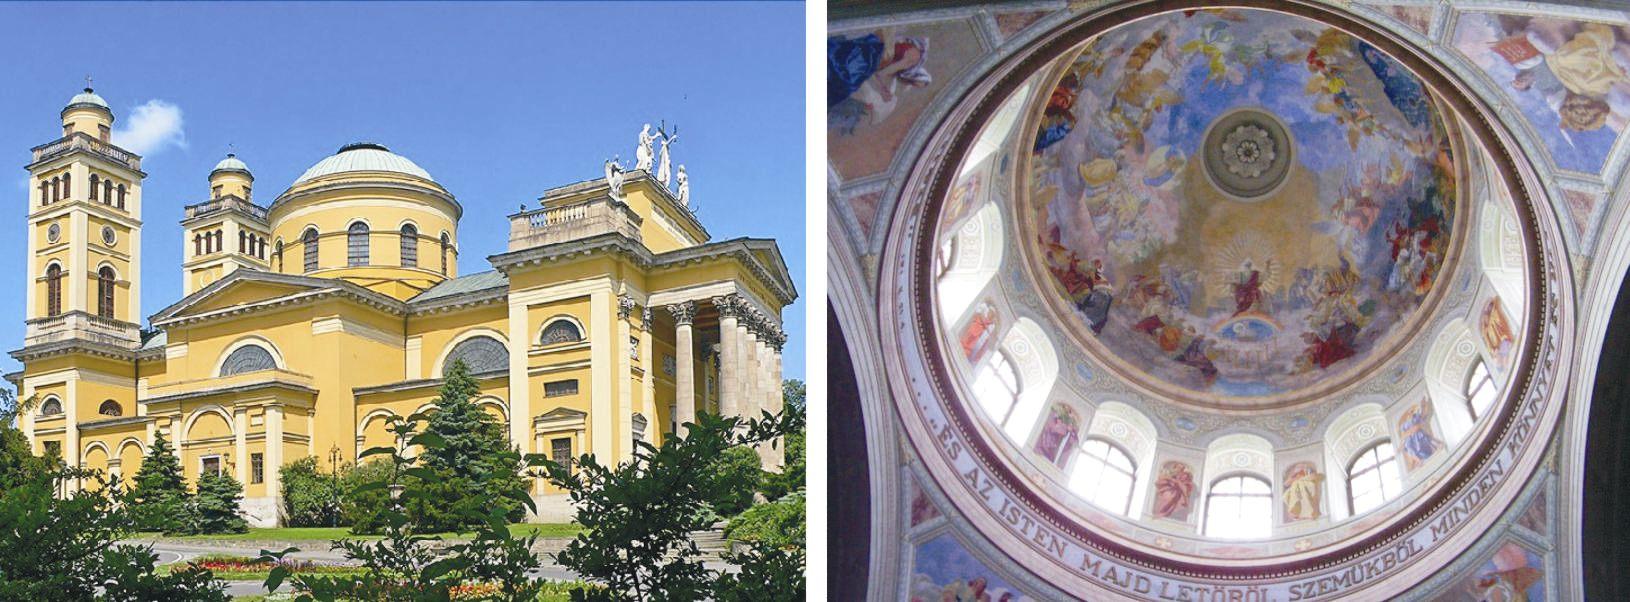 A felülről érkező kozmikus energiákat remekül lehet érezni a kupolával rendelkező székesegyházakban, például az egri bazilikában is.